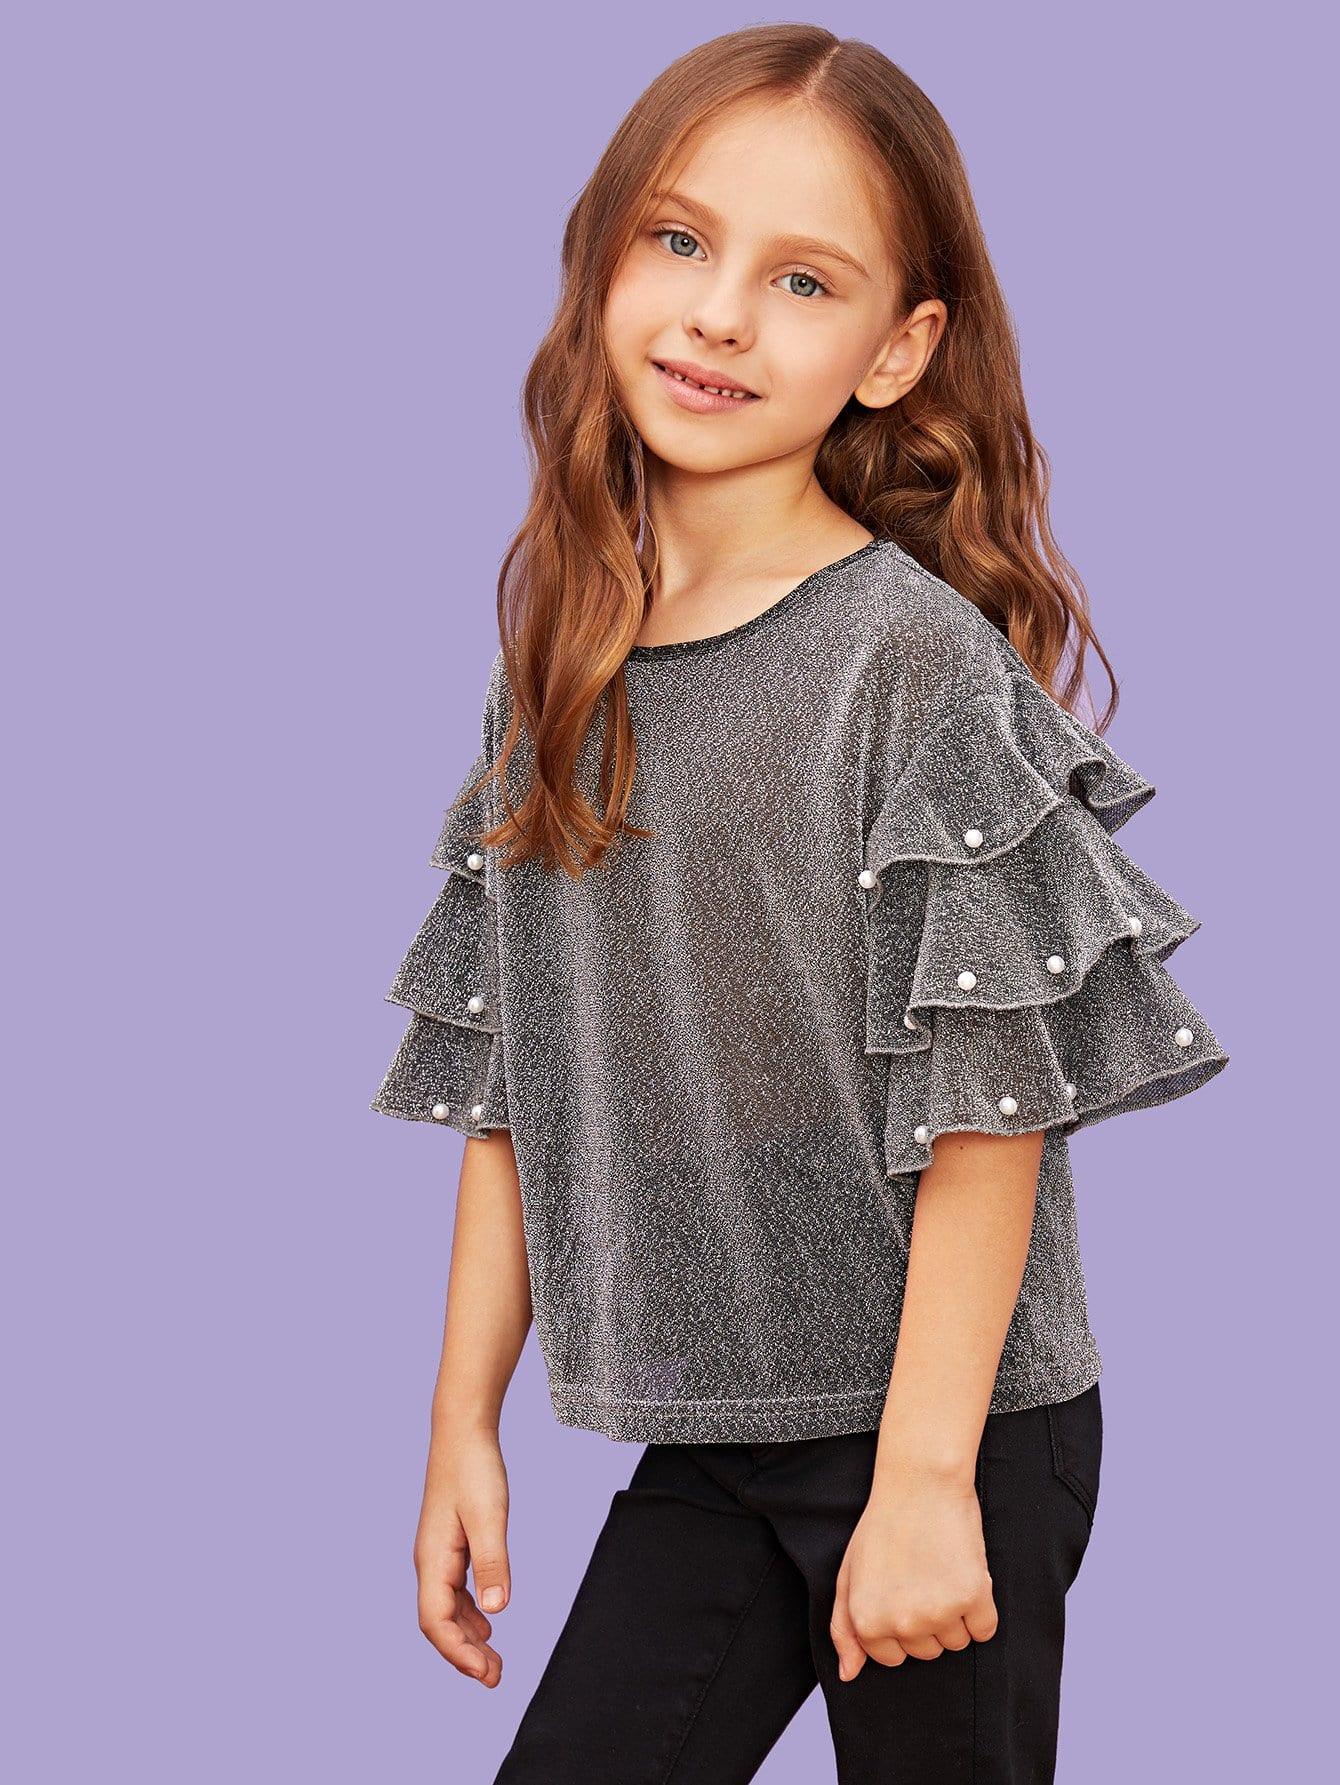 Купить Для девочек блестящий топ со слоистым рукавом с бисерами, Anna C, SheIn